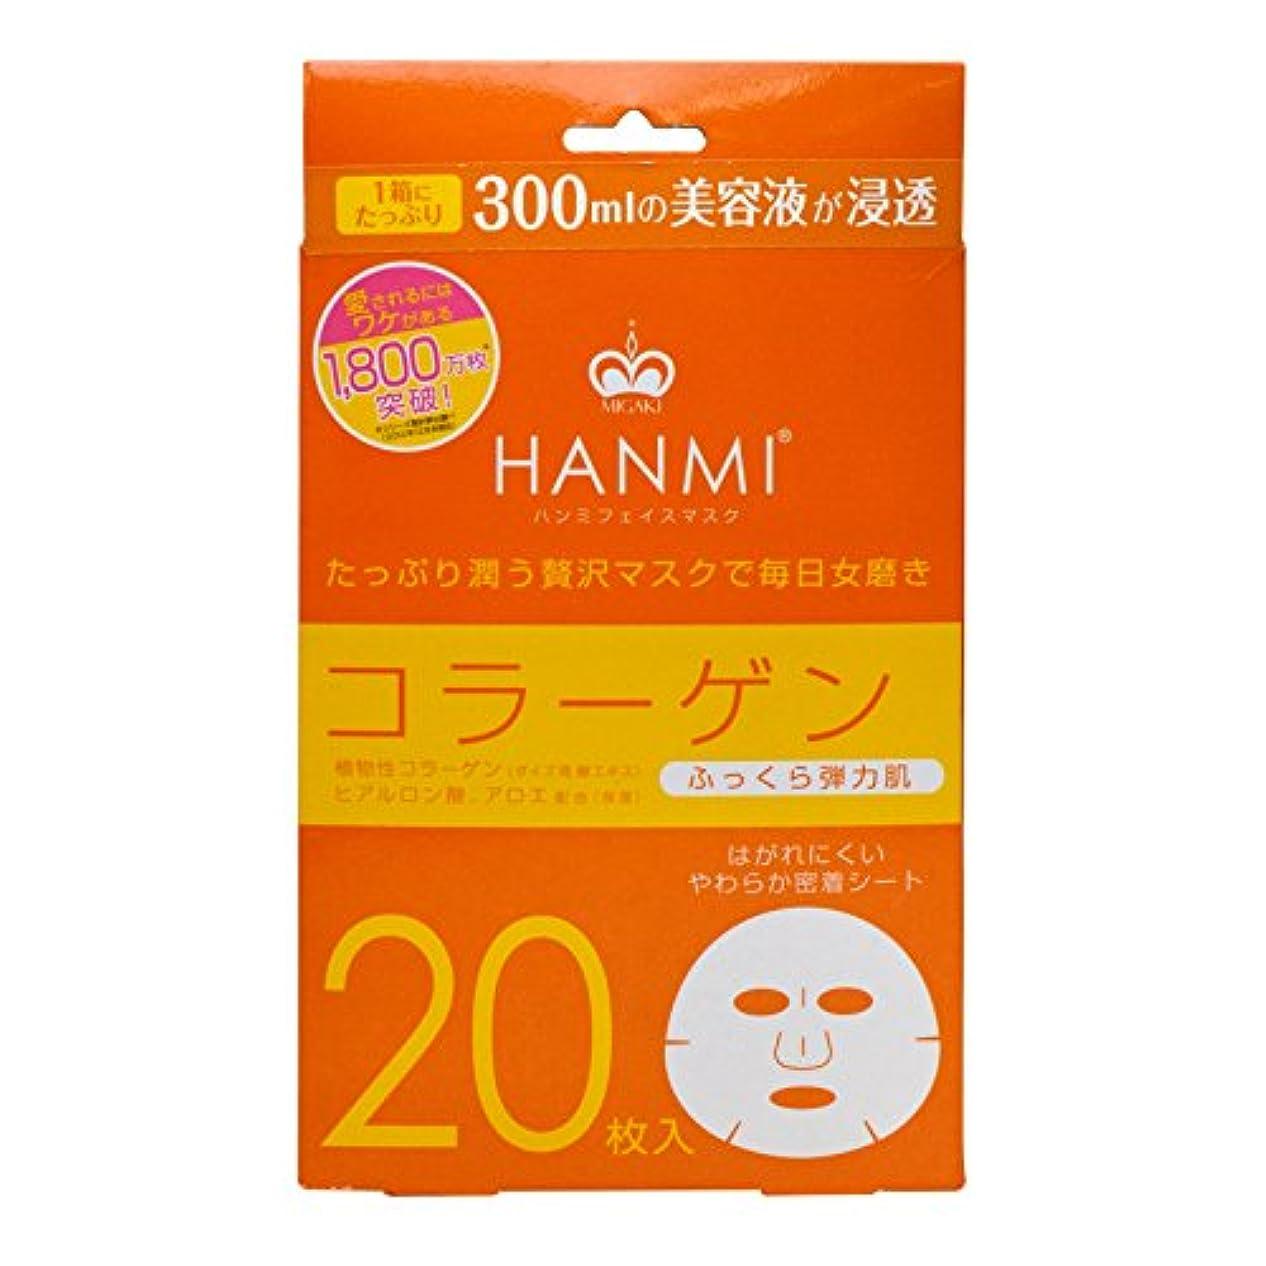 ビクター緊張叫ぶMIGAKI ハンミフェイスマスク コラーゲン 20枚入り